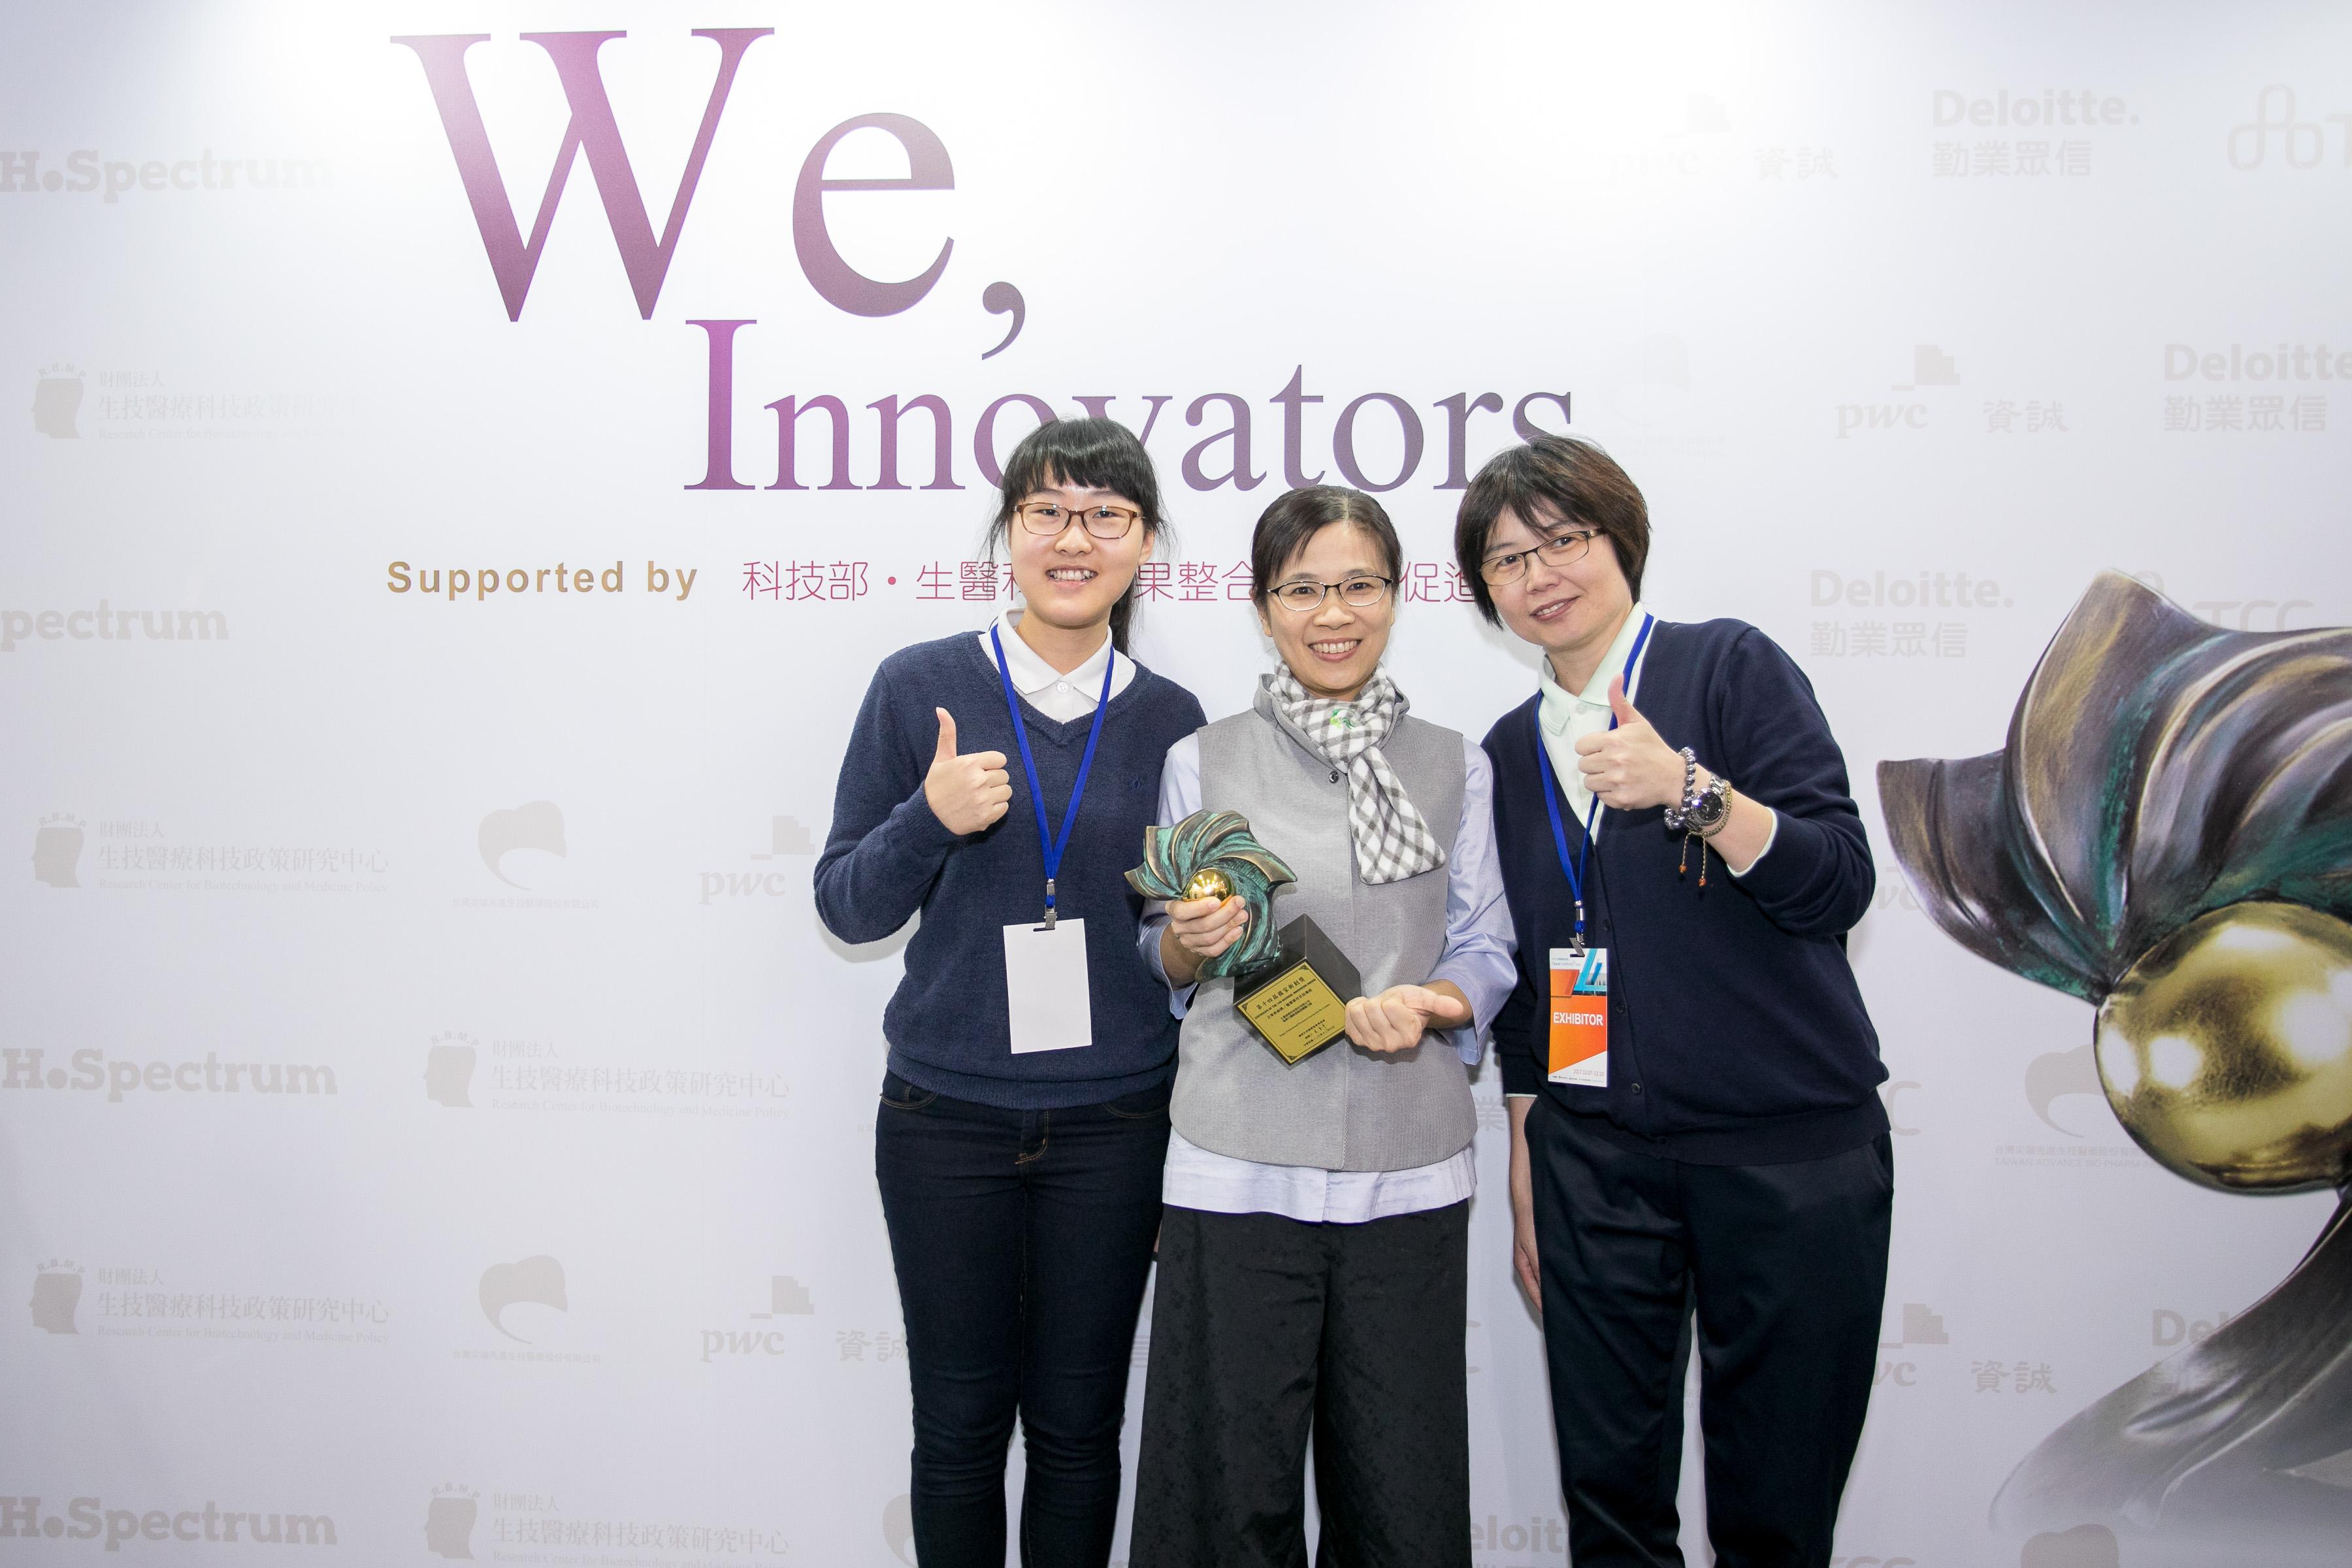 企業新創 醫療器材及設備組獲獎